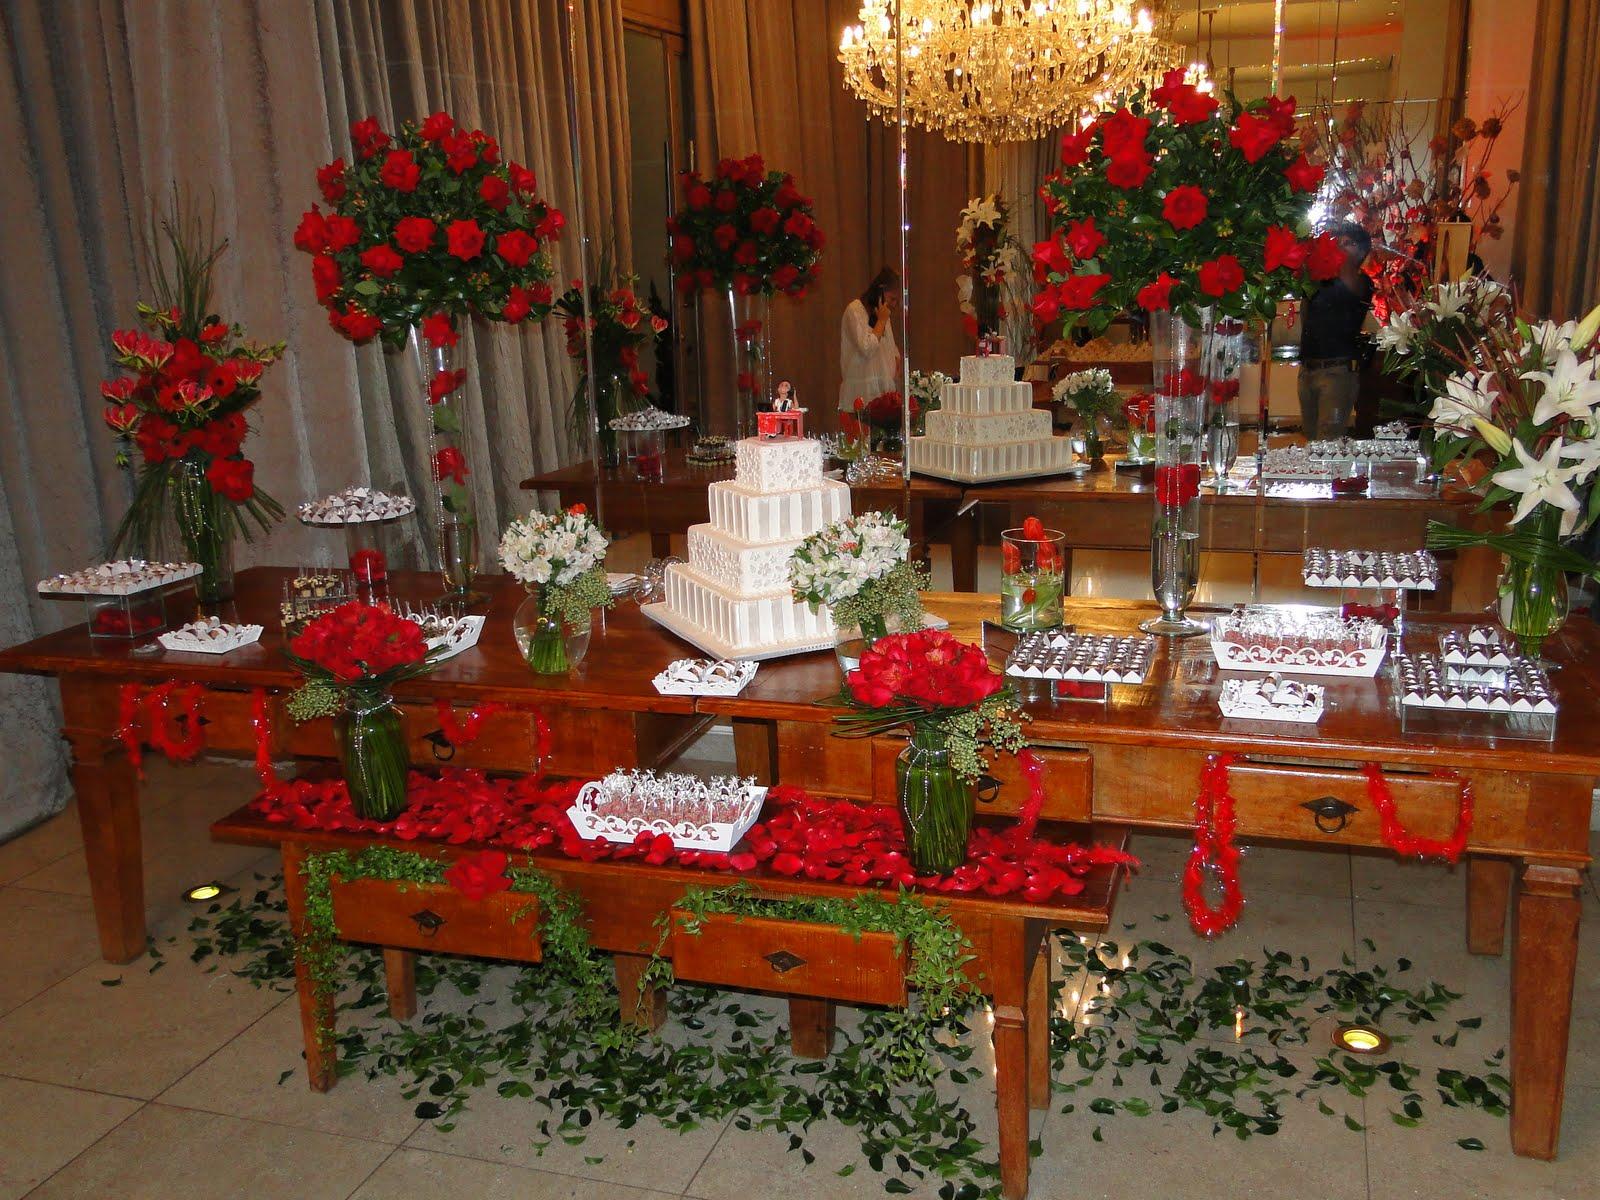 Noiva Objetiva!: Porque eu gosto é de rosas Decoração do salão #B61516 1600x1200